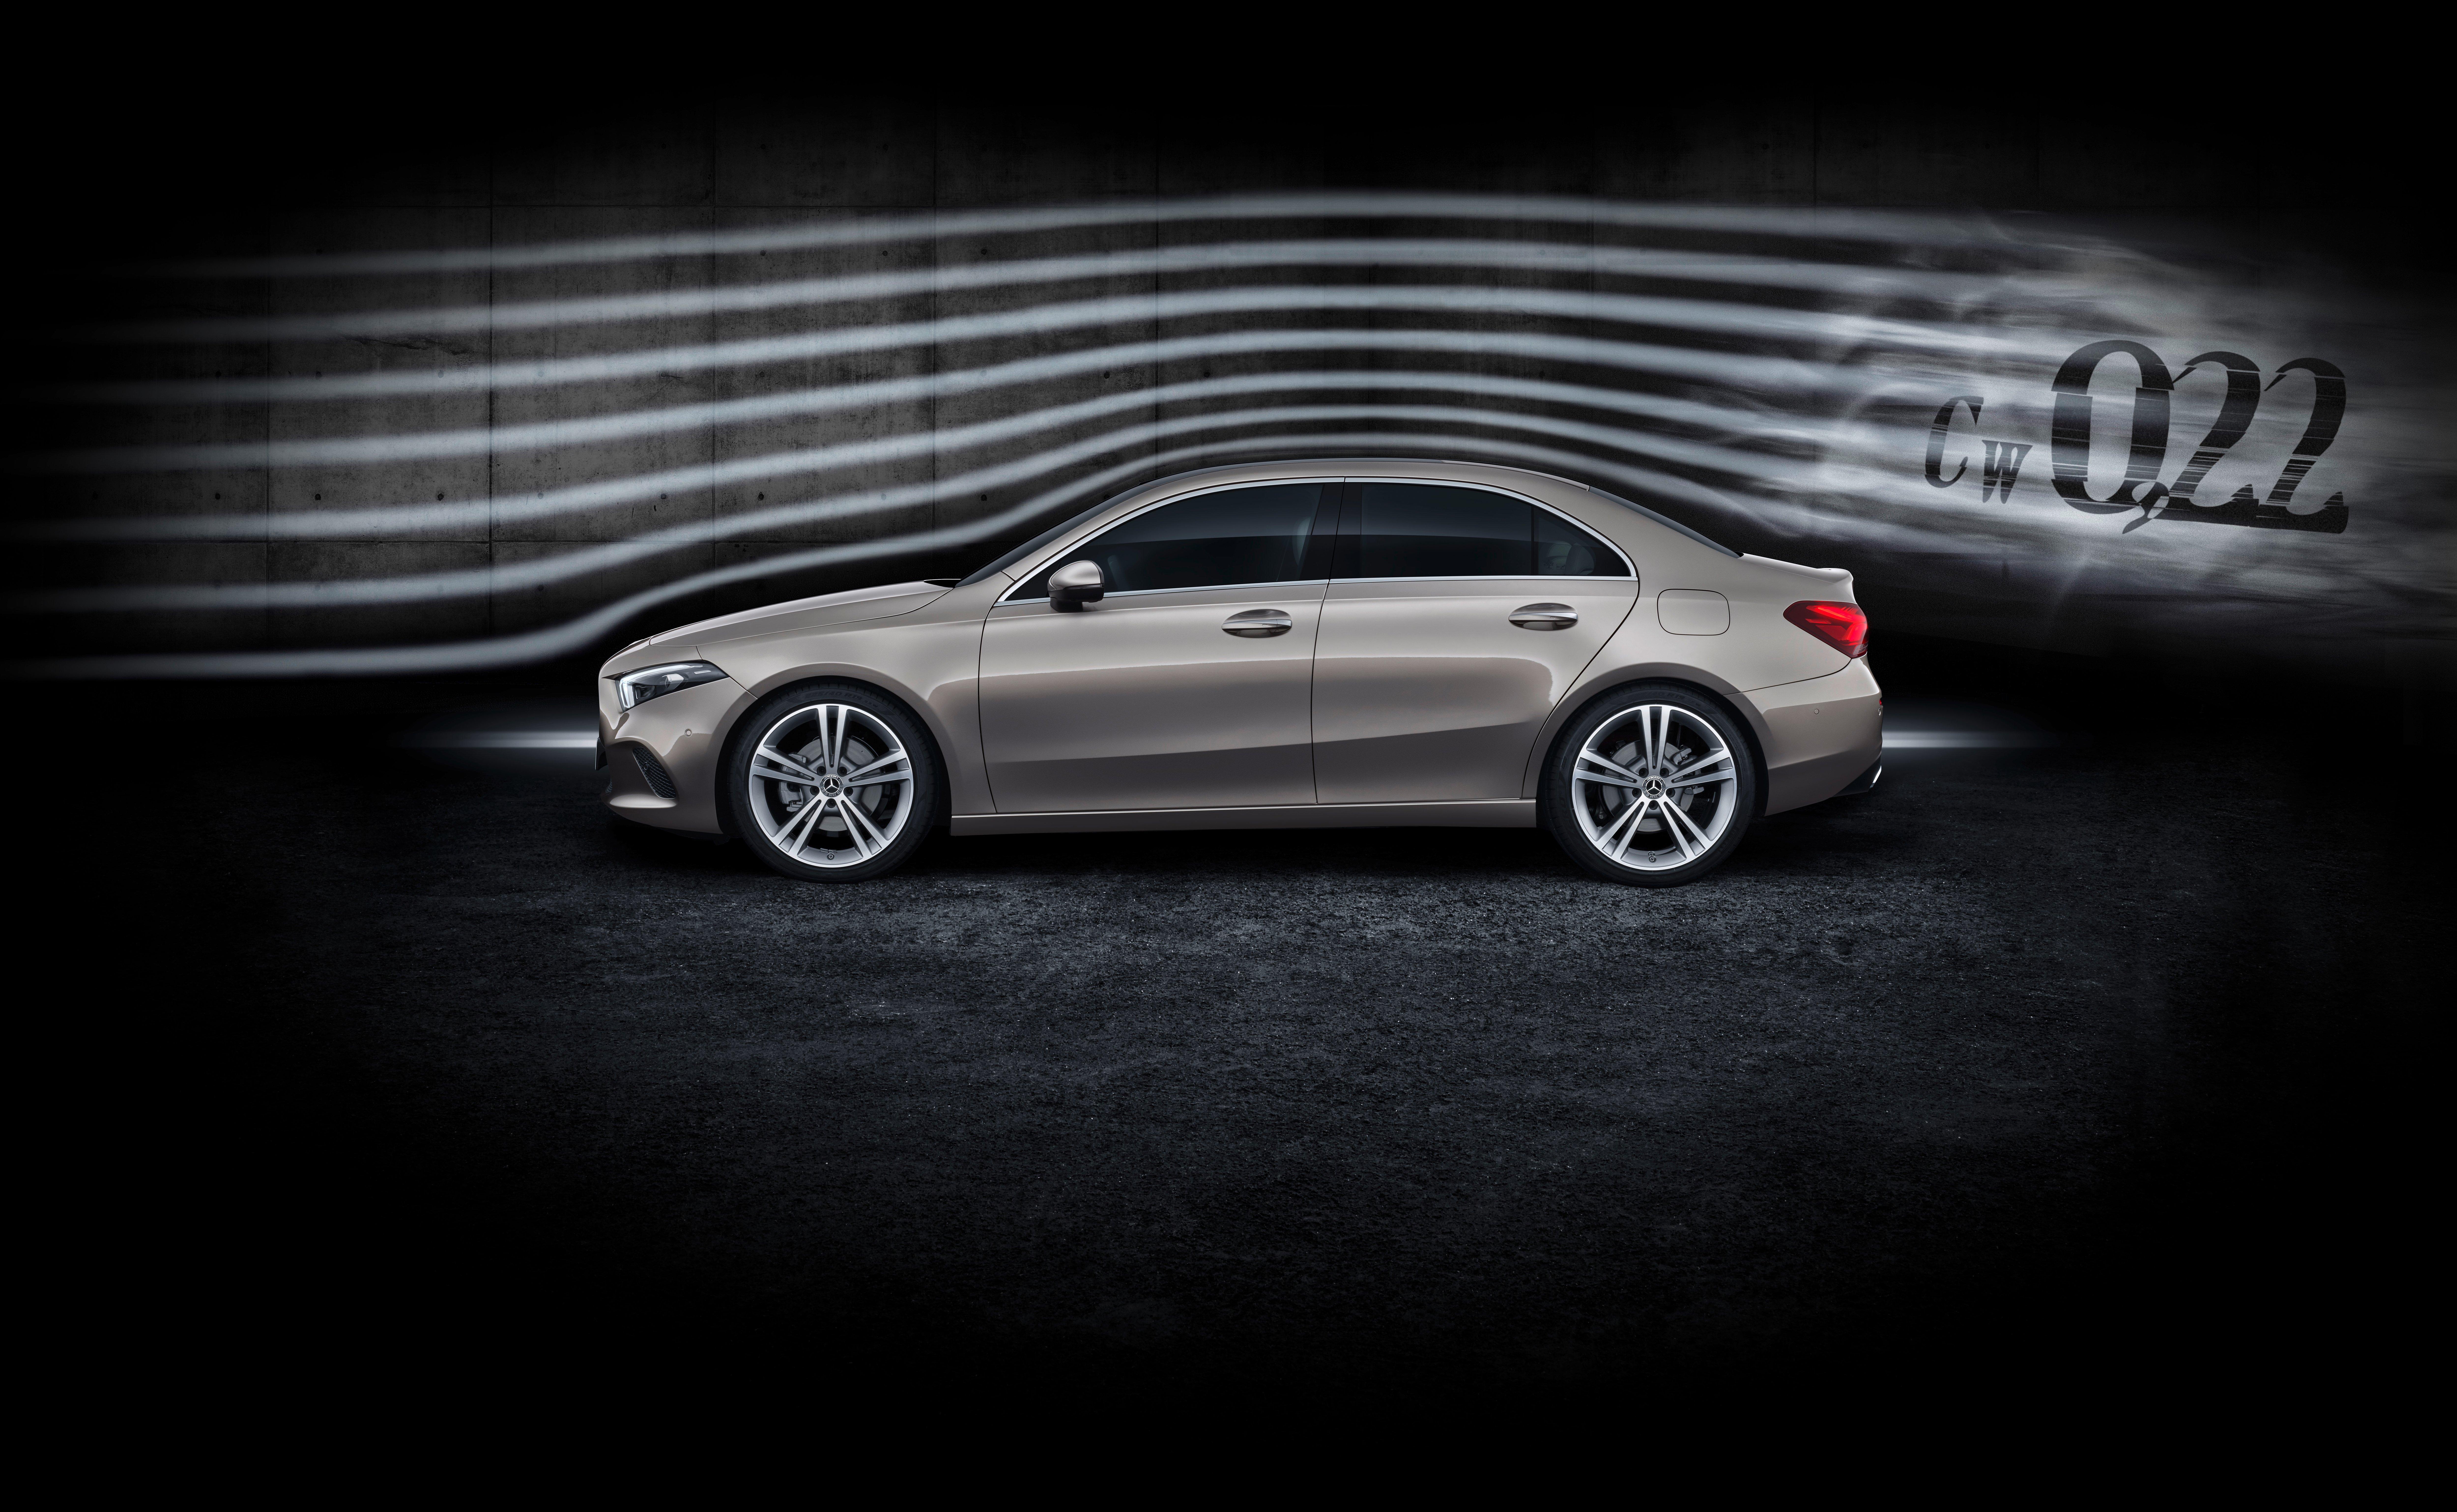 V177 Mercedes-Benz A-Class Sedan finally unveiled Image #842950